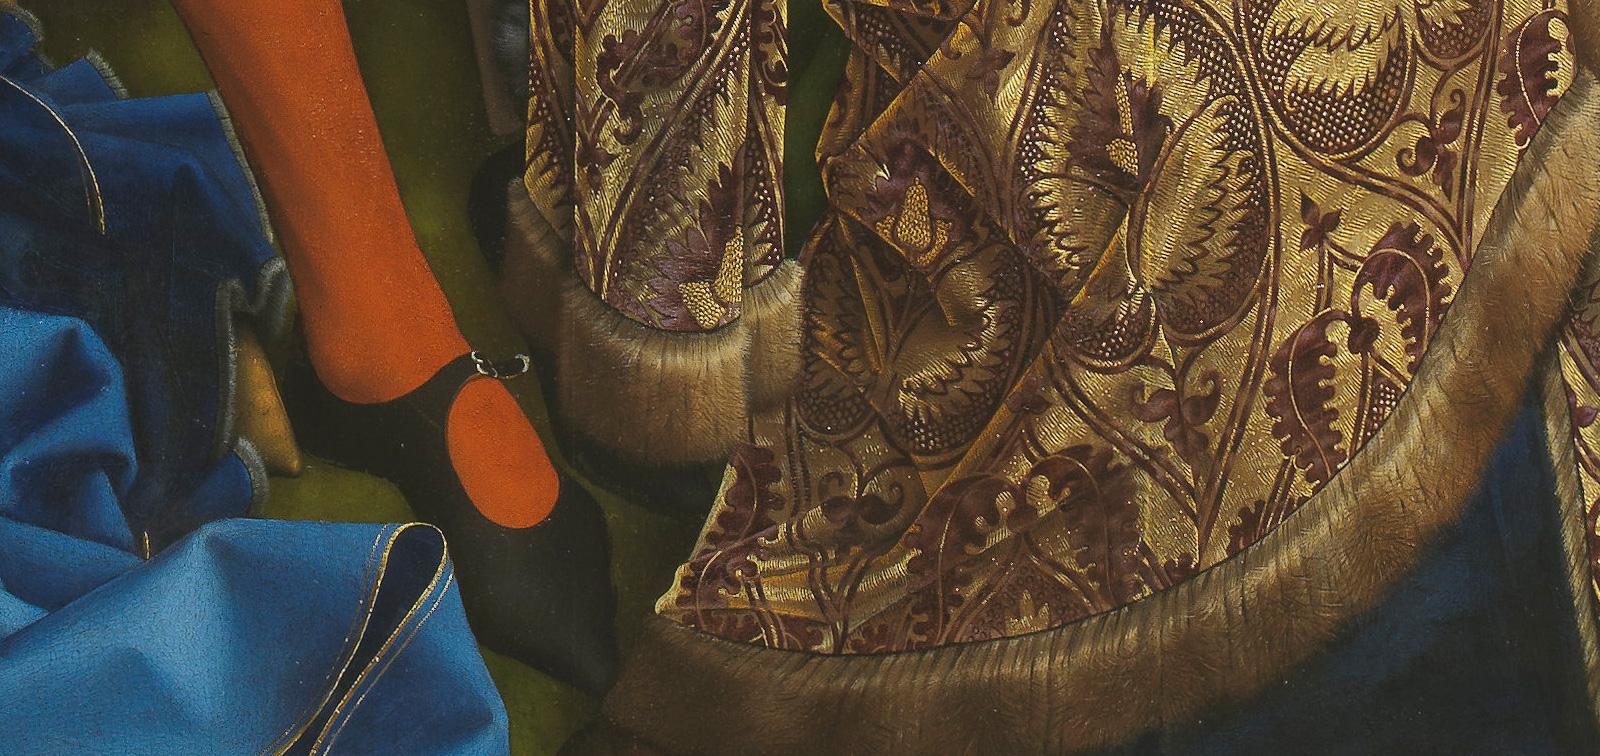 De hojas de parra, sederías y martas cibelinas. Textiles y otras curiosidades en las pinturas del Museo del Prado